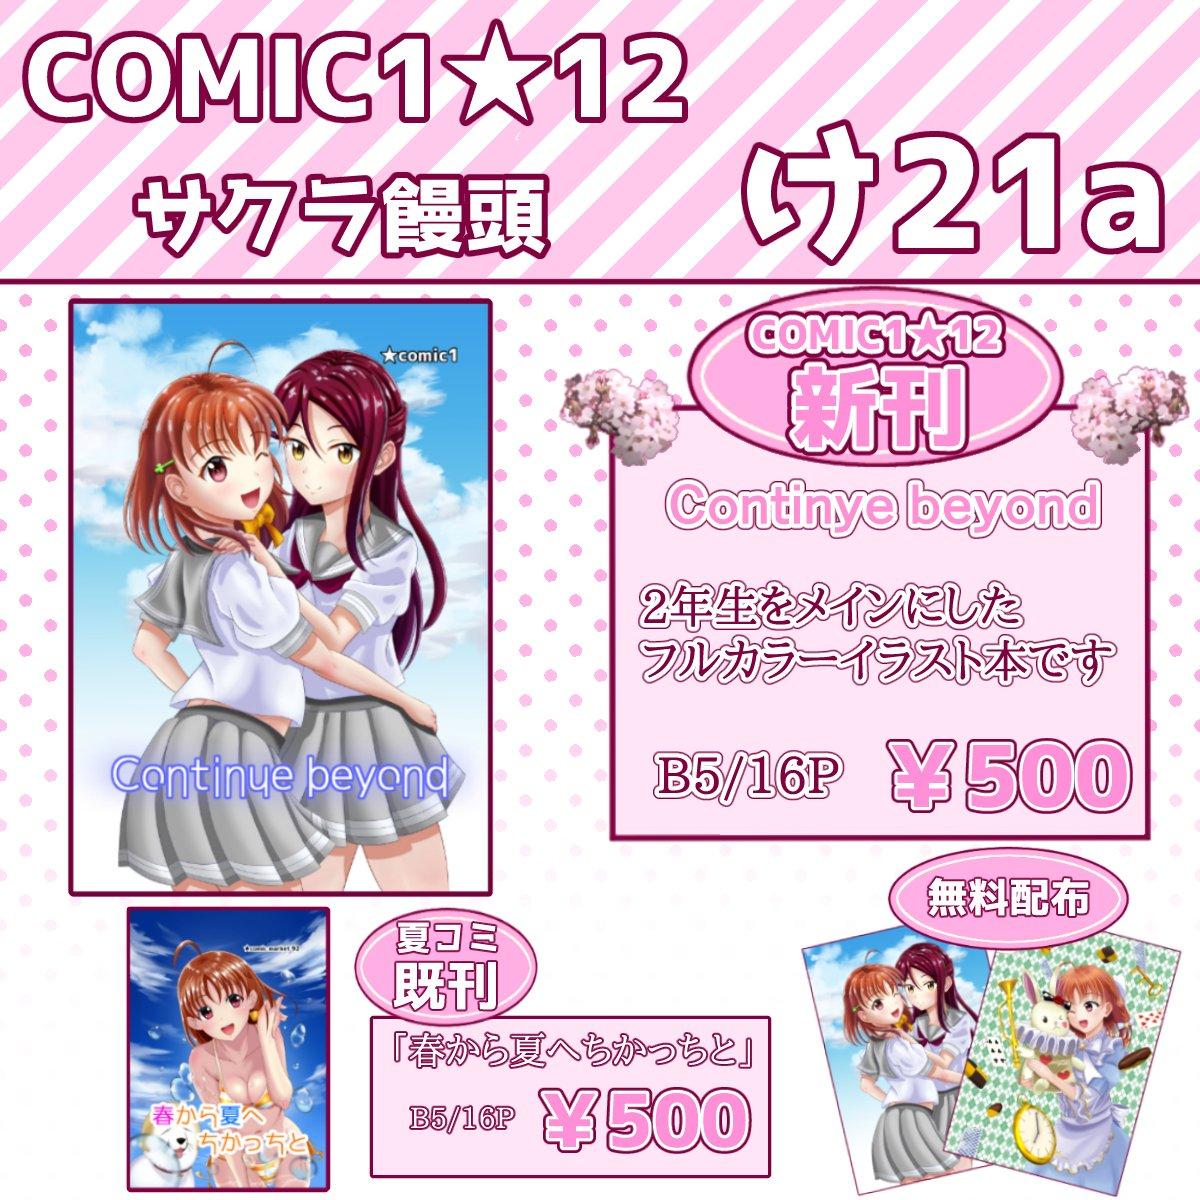 10/15(日)COMIC1★12のお品書きできました 来週ですが、【け21a】...